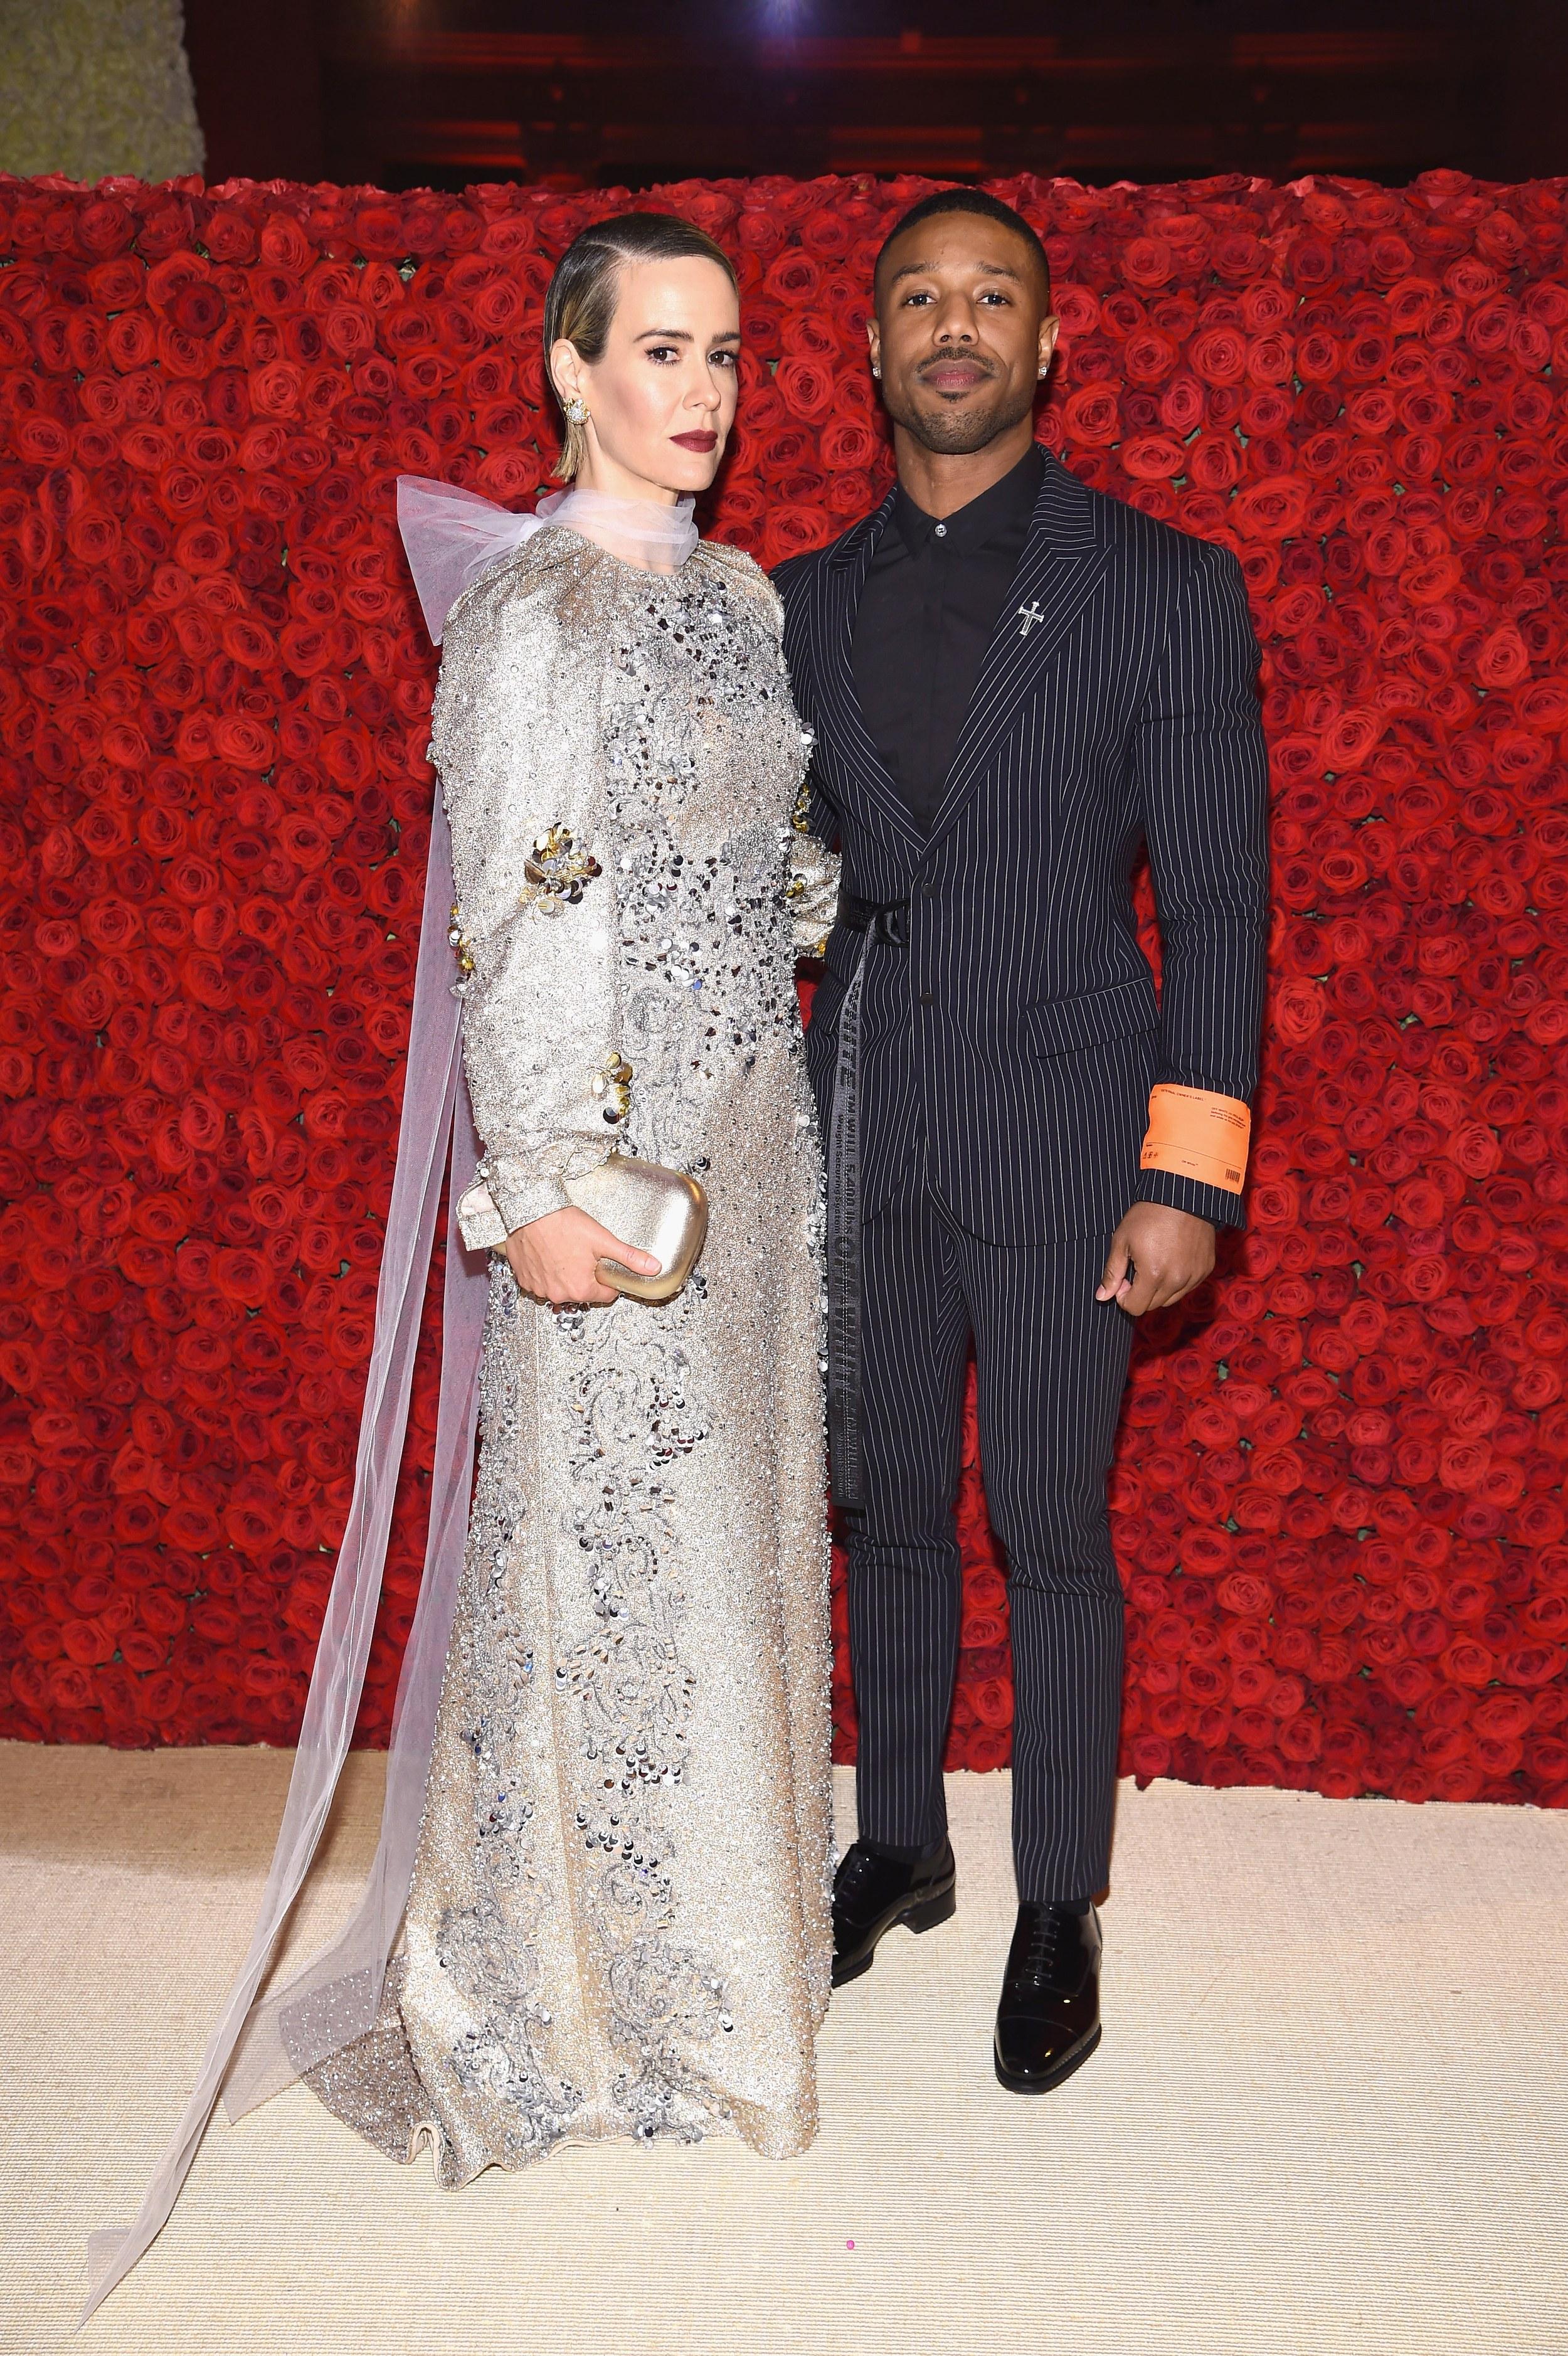 MG_Sarah Paulson in Prada and Michael B Jordan in Off-White.jpg